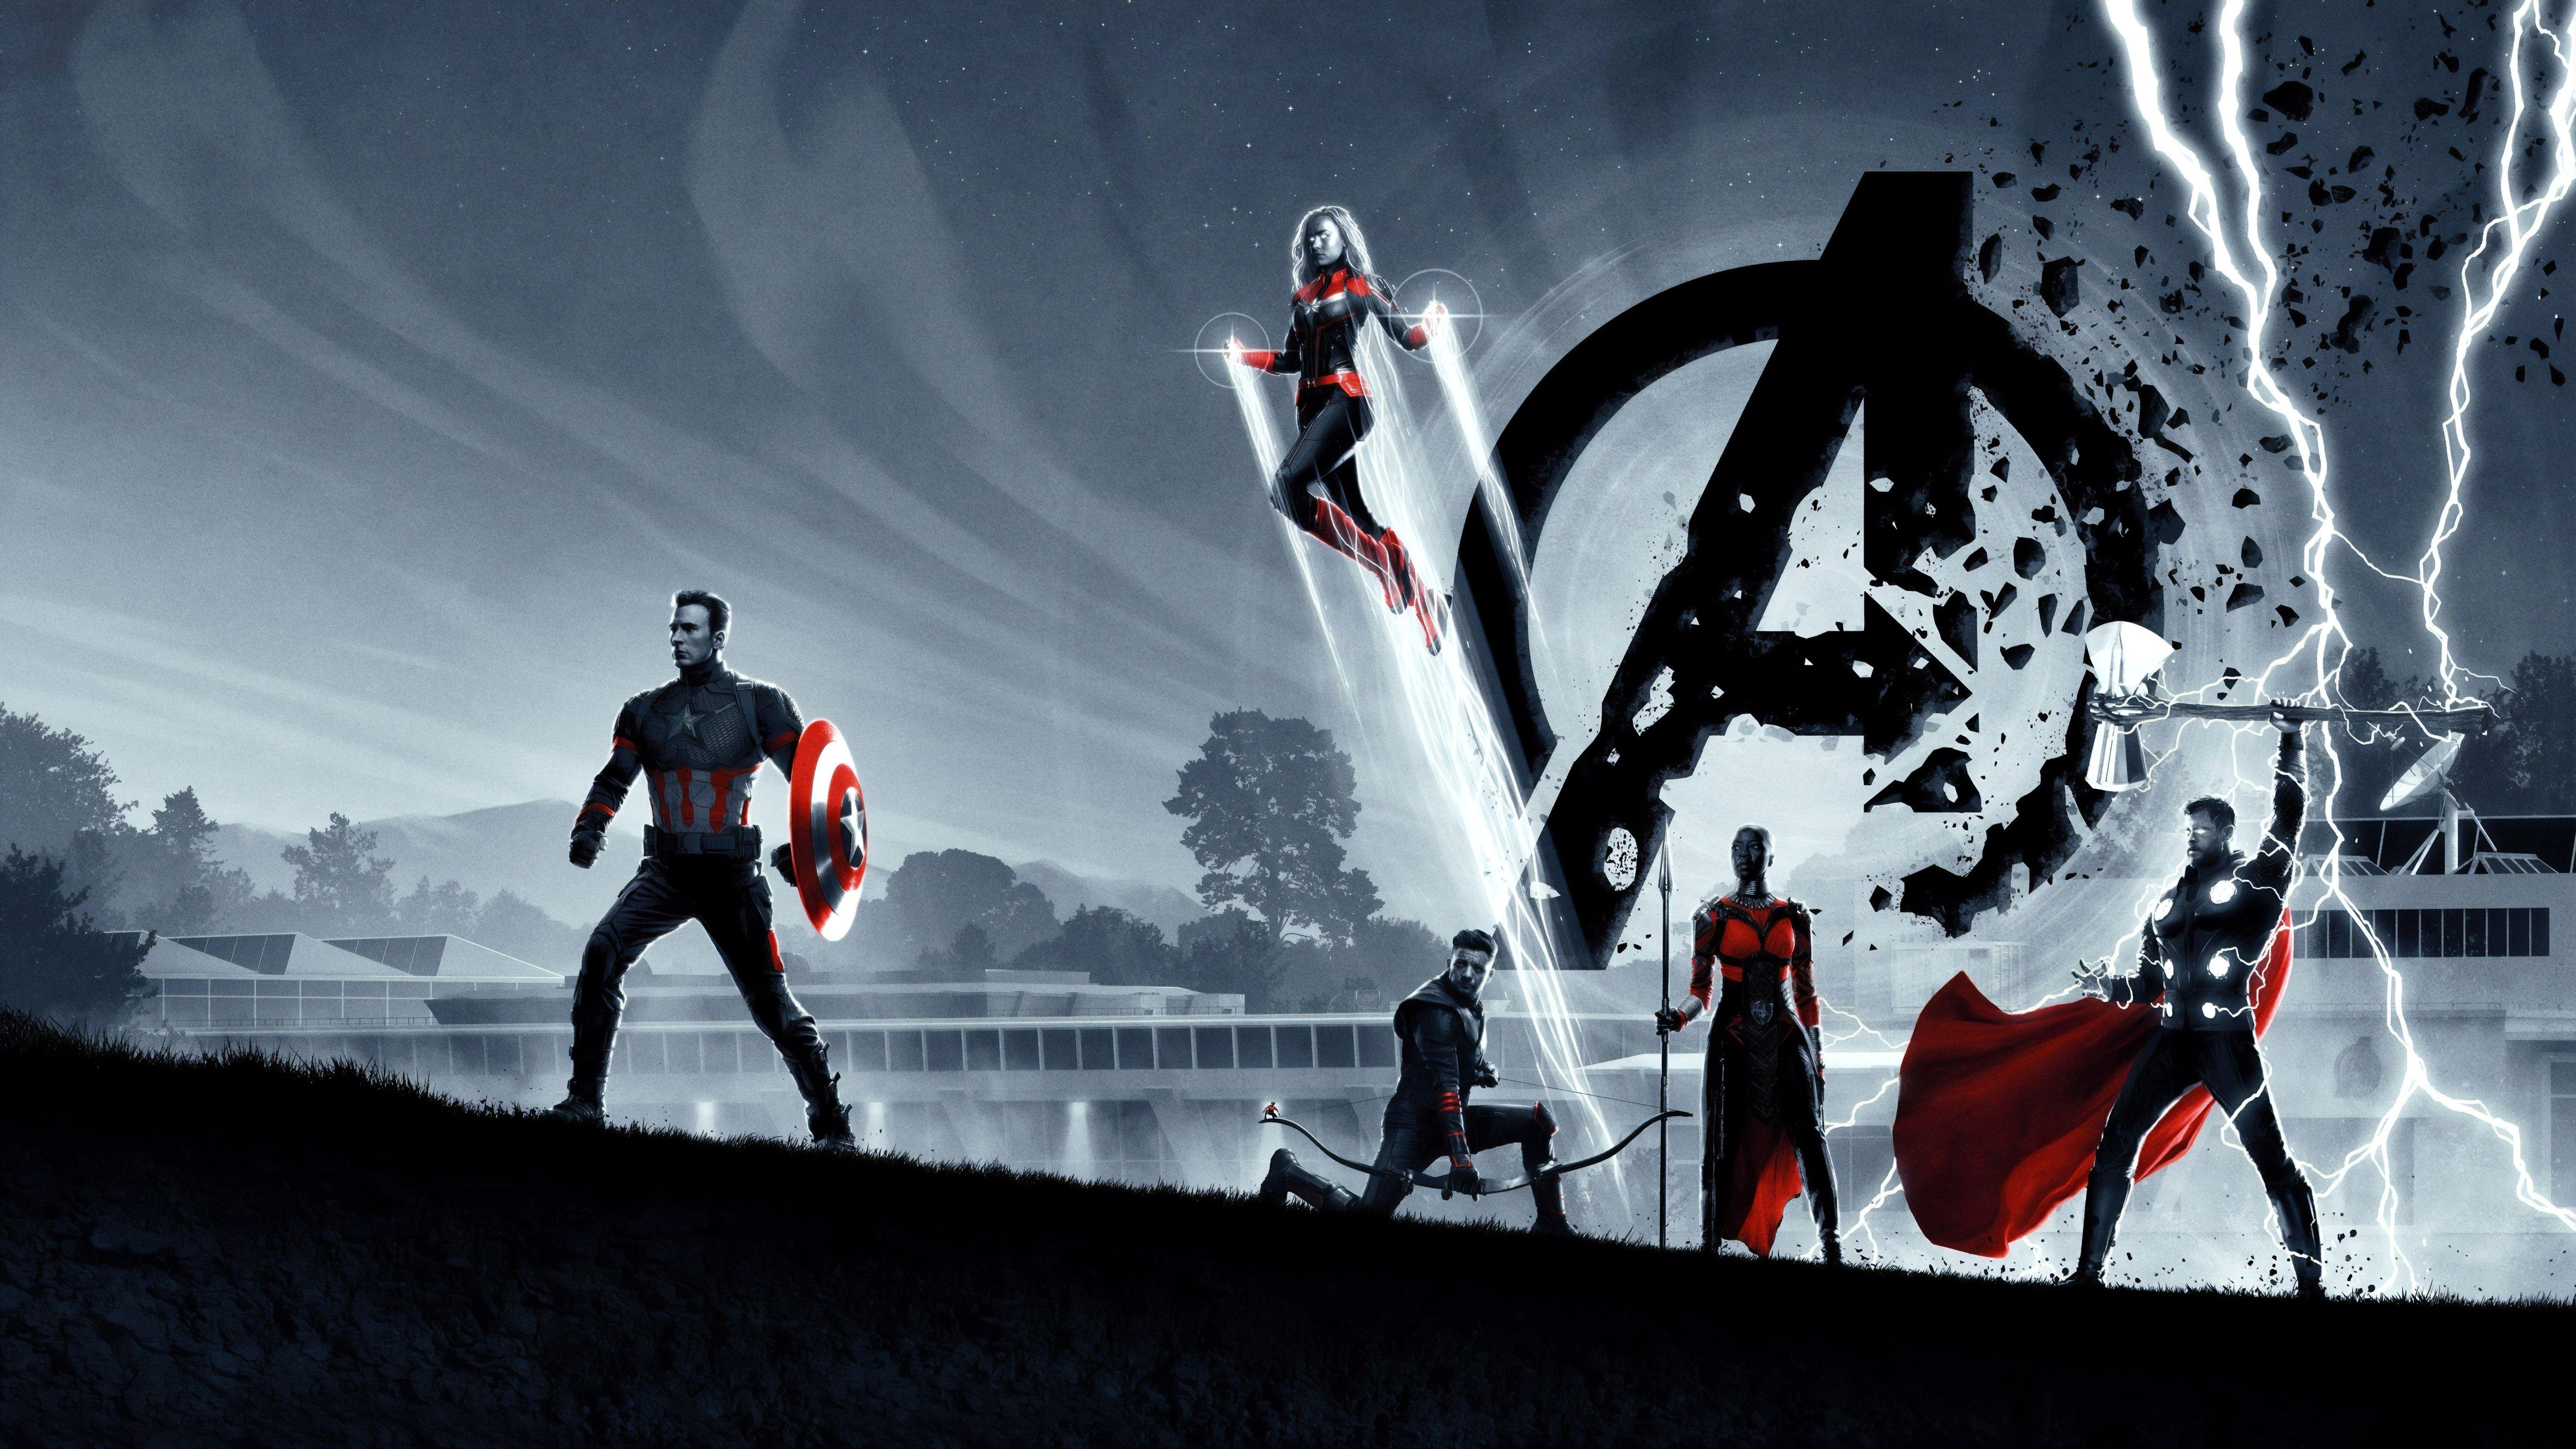 Pin By Misael Manzanillo On Fondos Marvel Avengers Funny Avengers Wallpaper Marvel